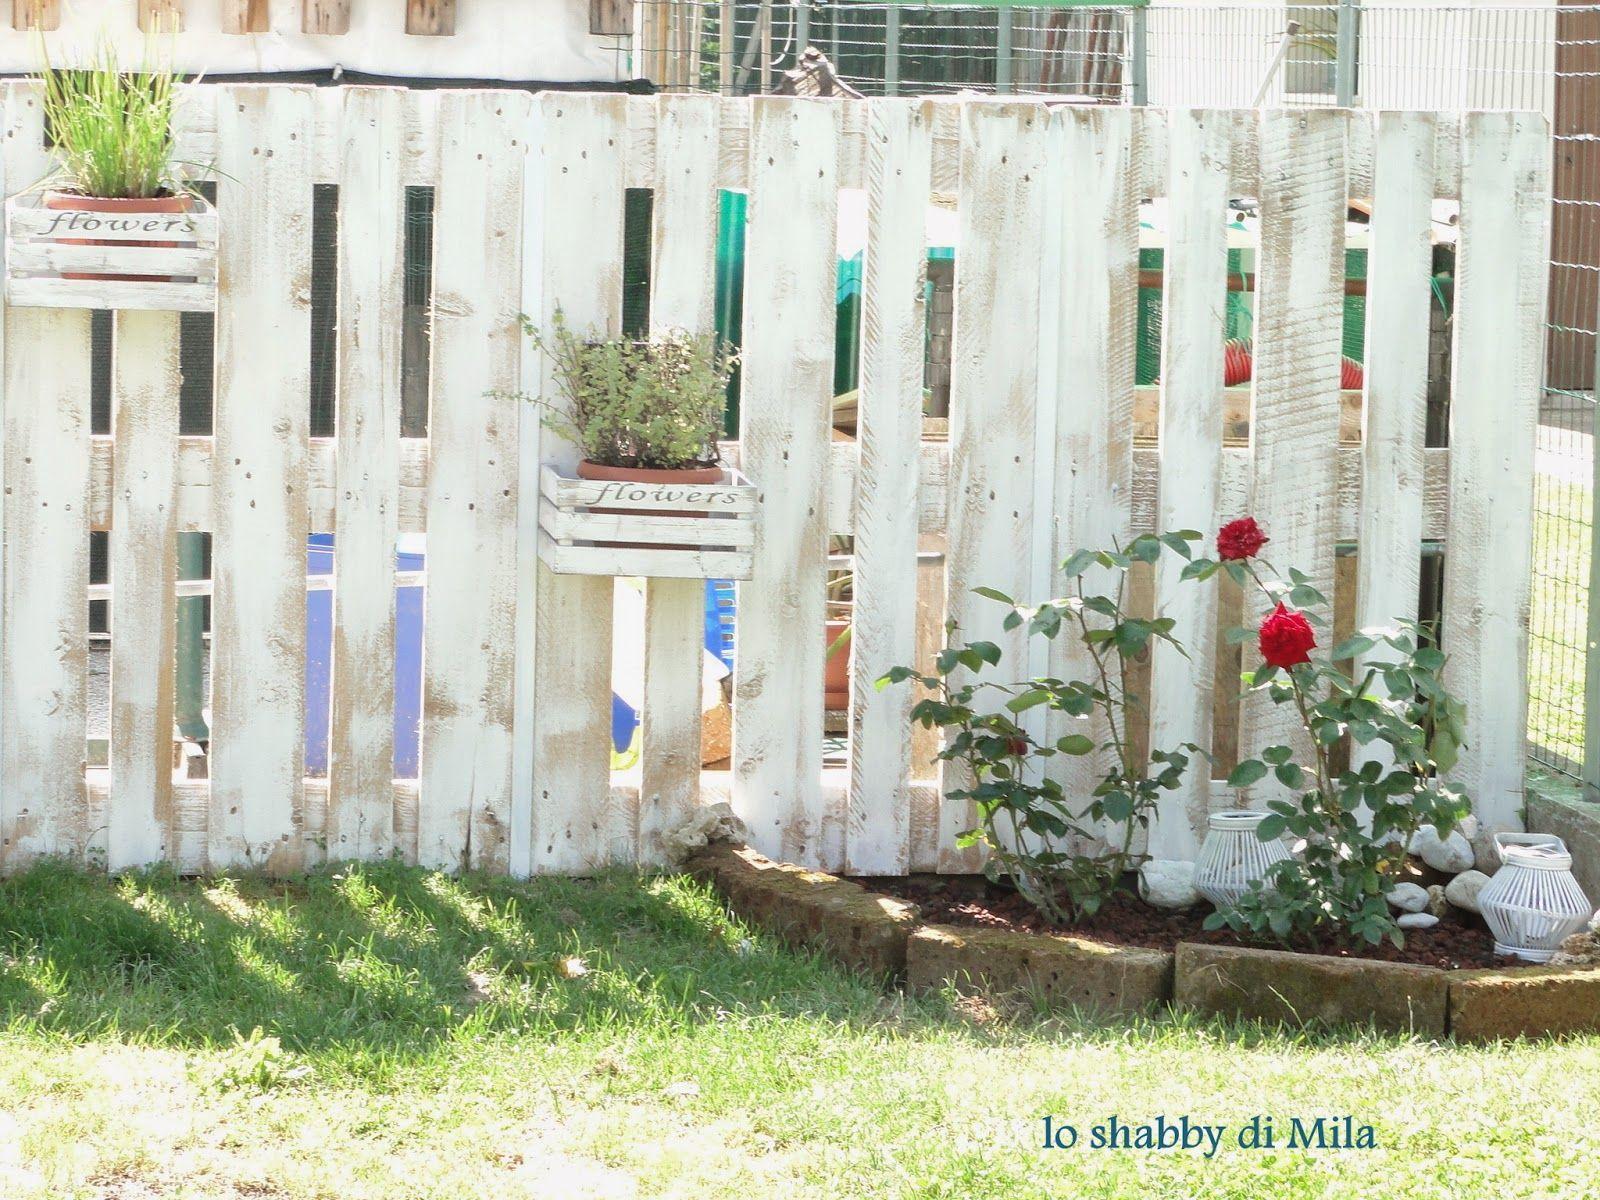 Staccionata Con I Bancali Lo Shabby Di Mila Garden Outdoor